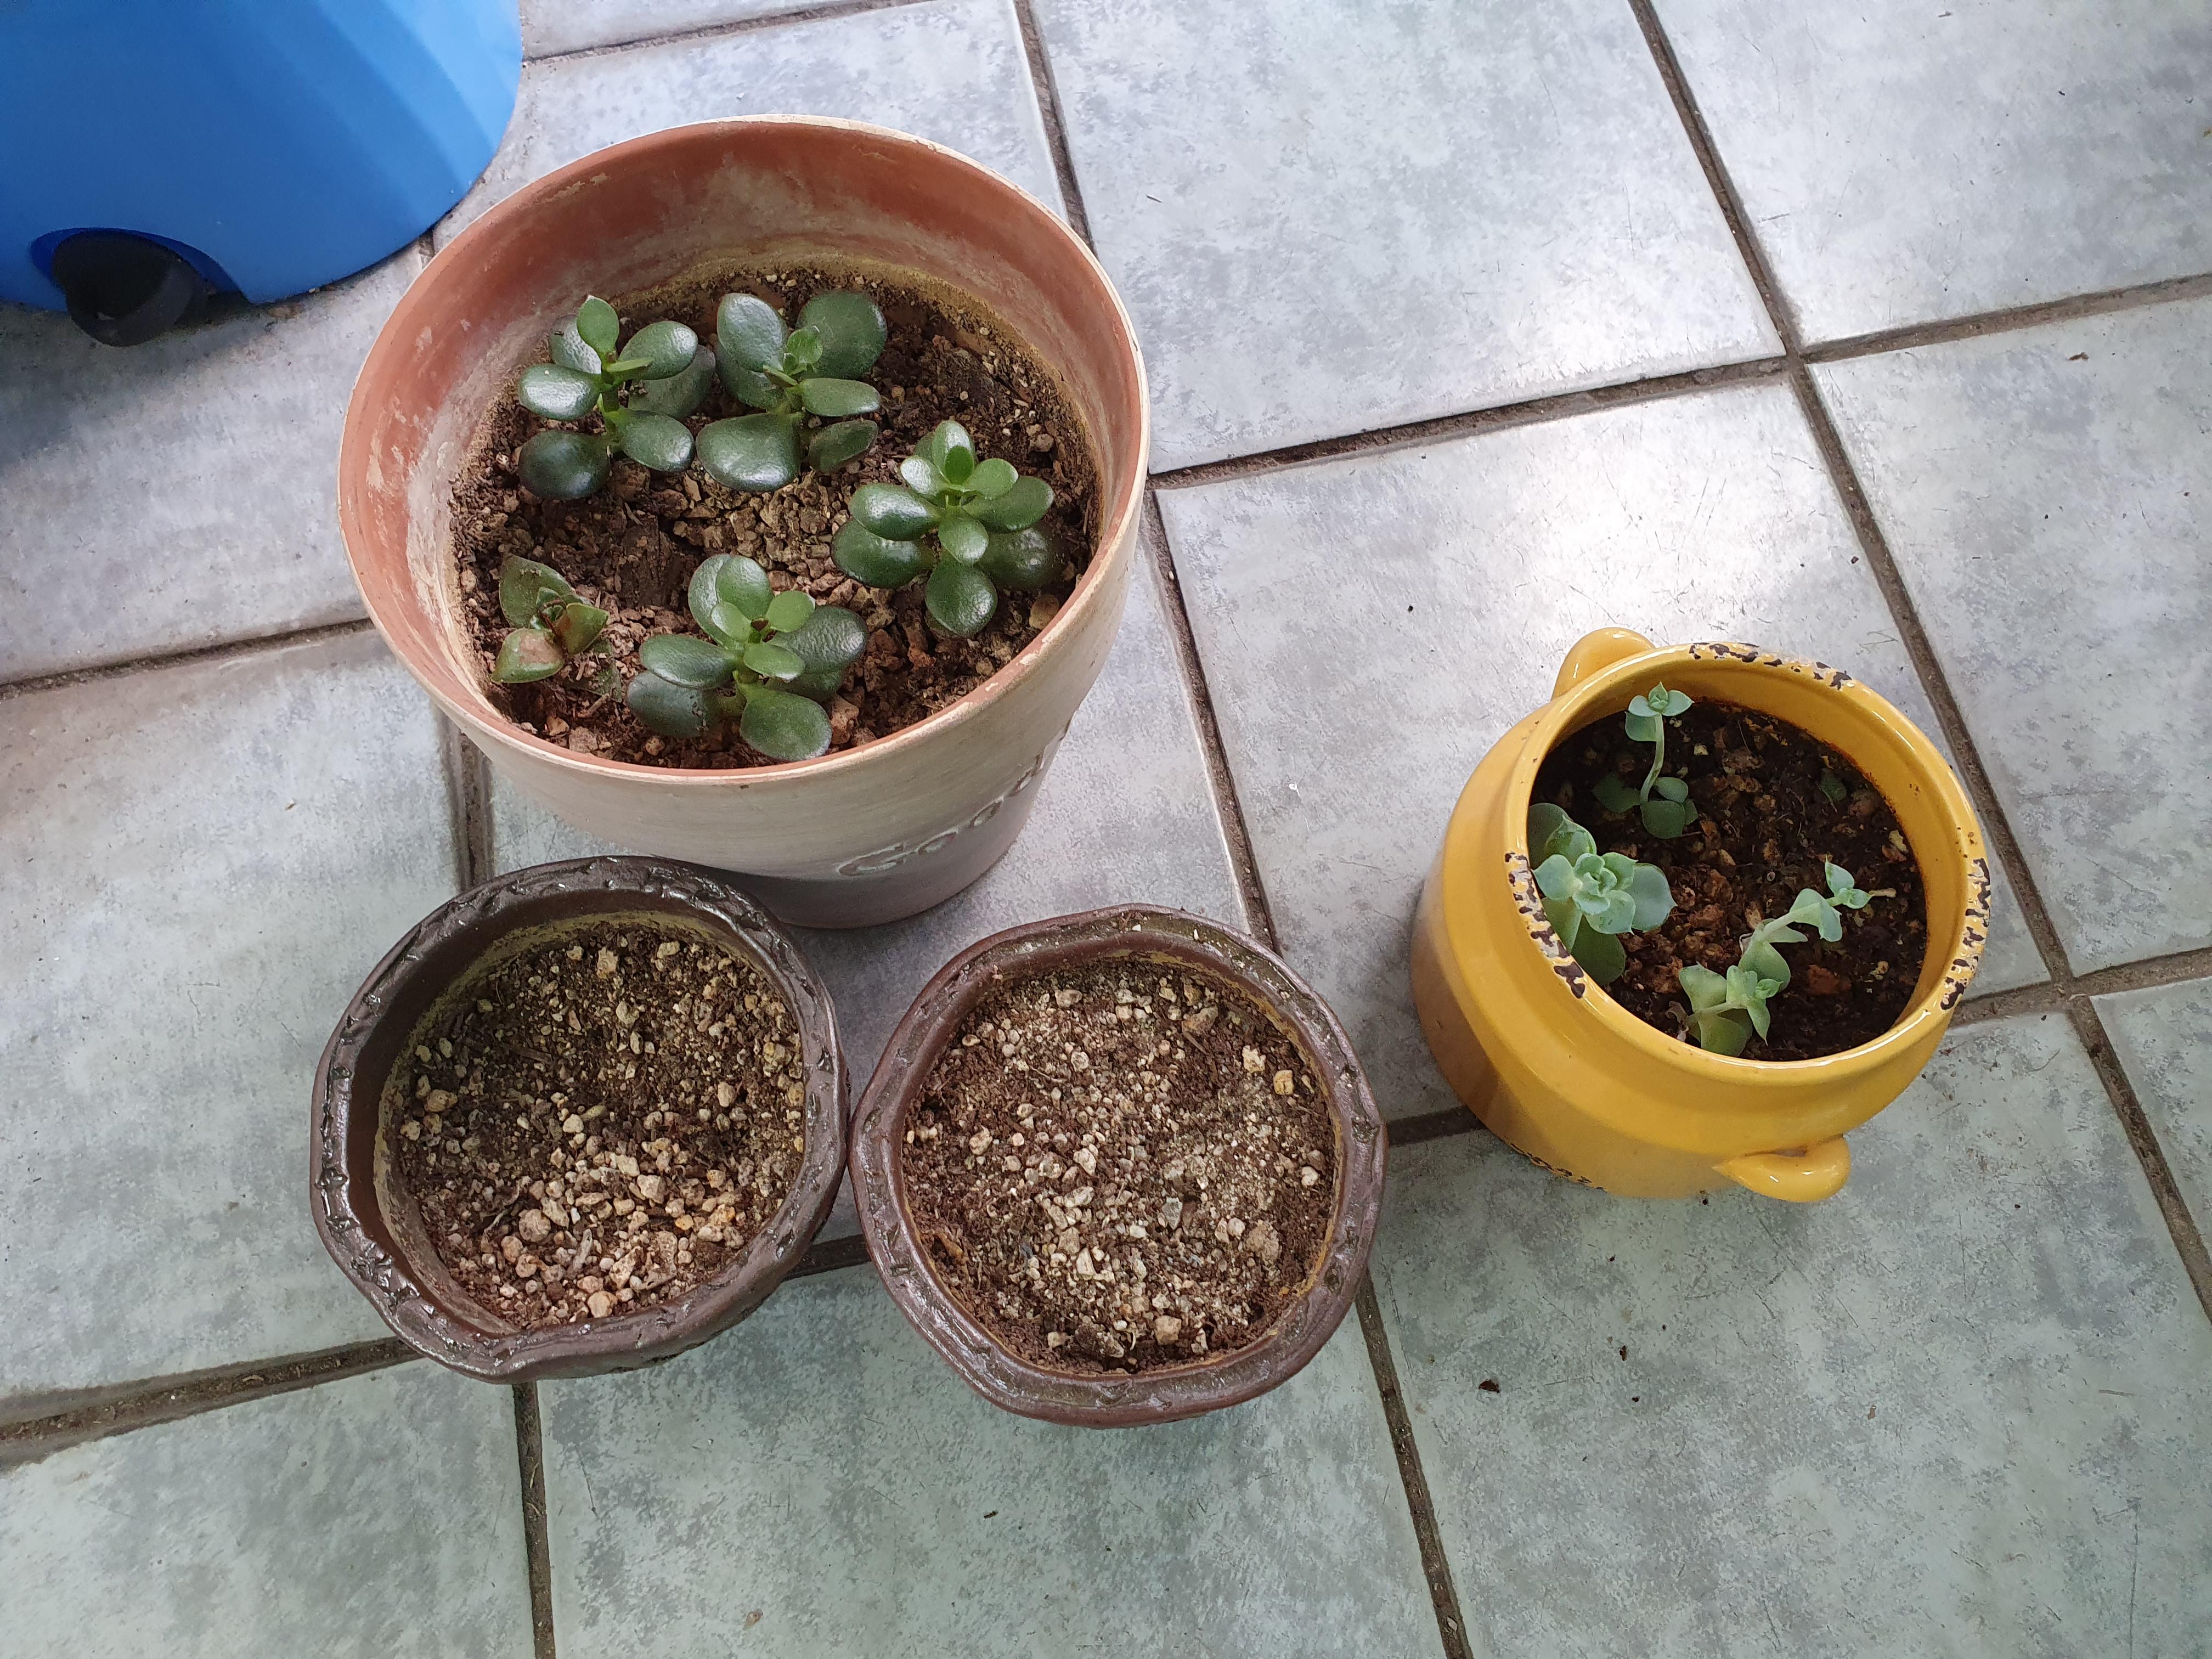 다육이 번식 : 다른 화분에 가지와 잎을 심어주기